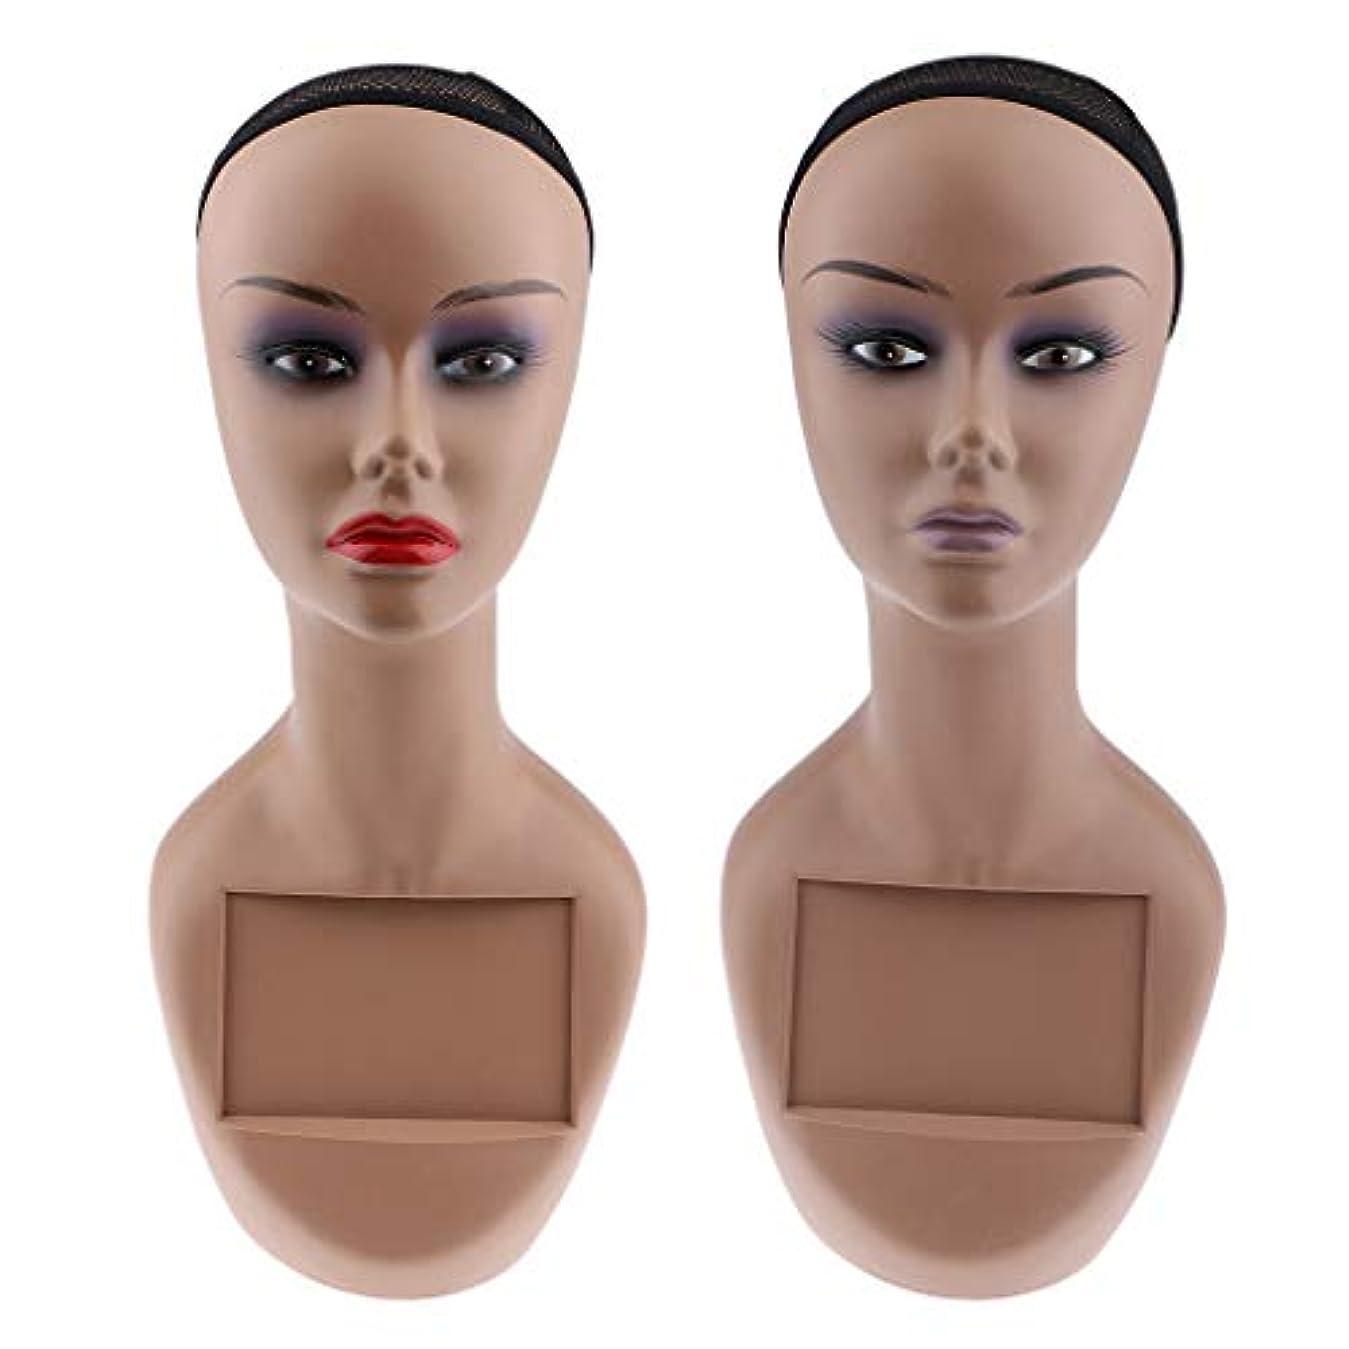 爆発する腐食するマントルDYNWAVE ネットキャップ付き 女性用 マネキンヘッド 2個入り